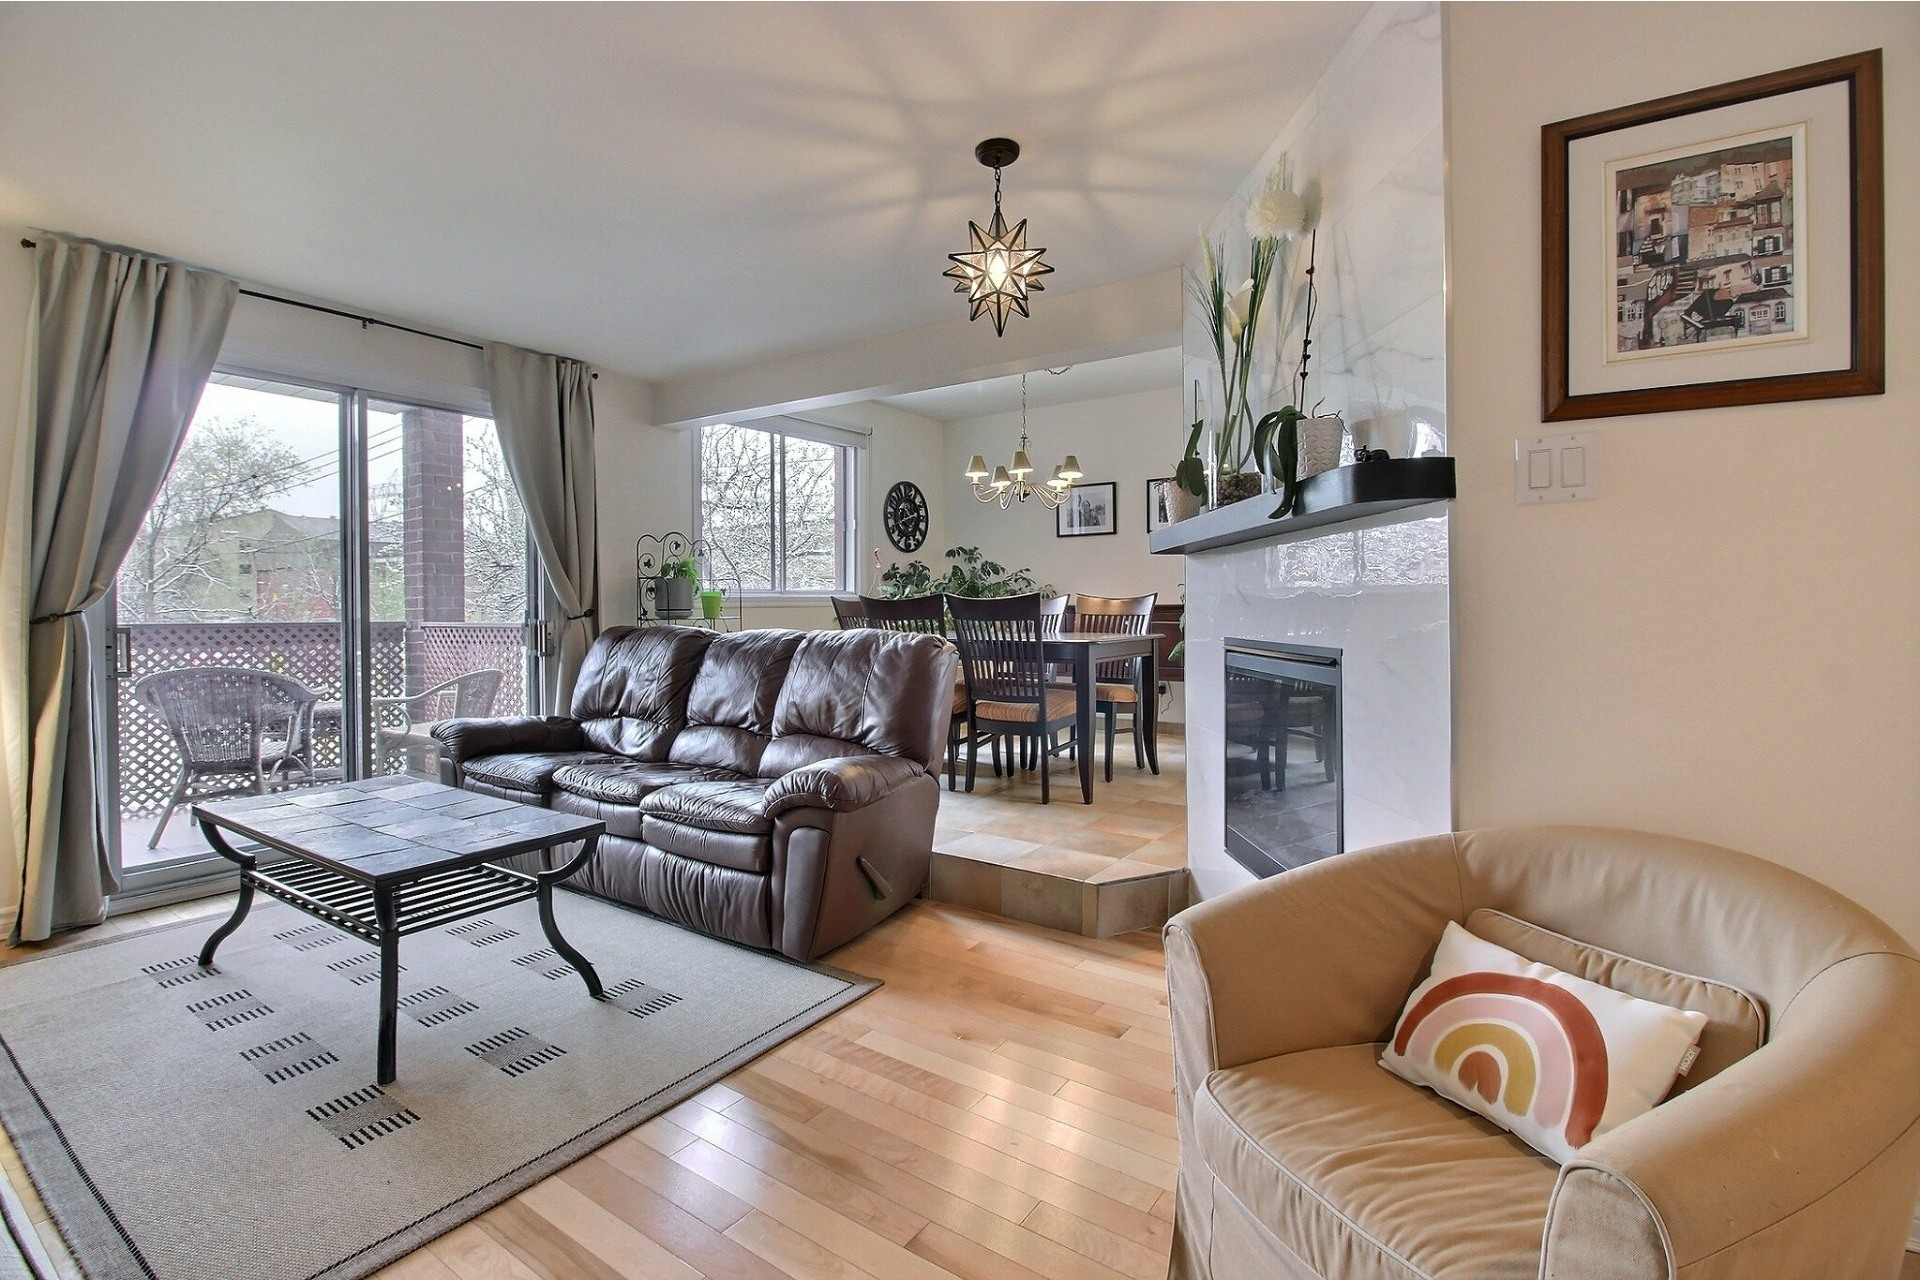 image 2 - Appartement À vendre Rivière-des-Prairies/Pointe-aux-Trembles Montréal  - 5 pièces